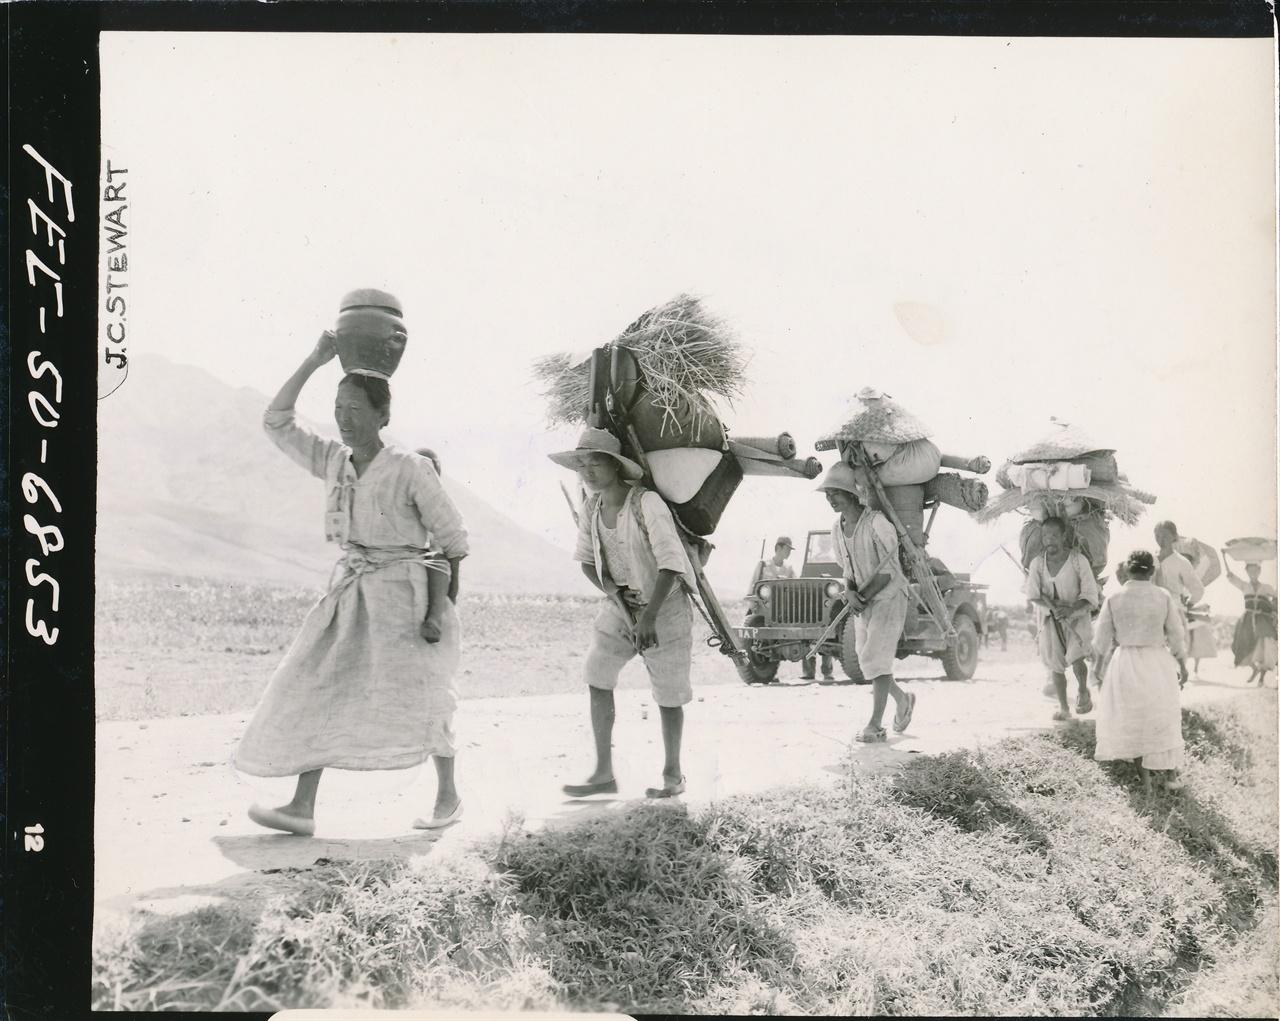 1950. 8. 24. 낙동강 유역. 유엔군의 통제 속에 가재도구를 머리에 이고 진 피란민들의 행렬.